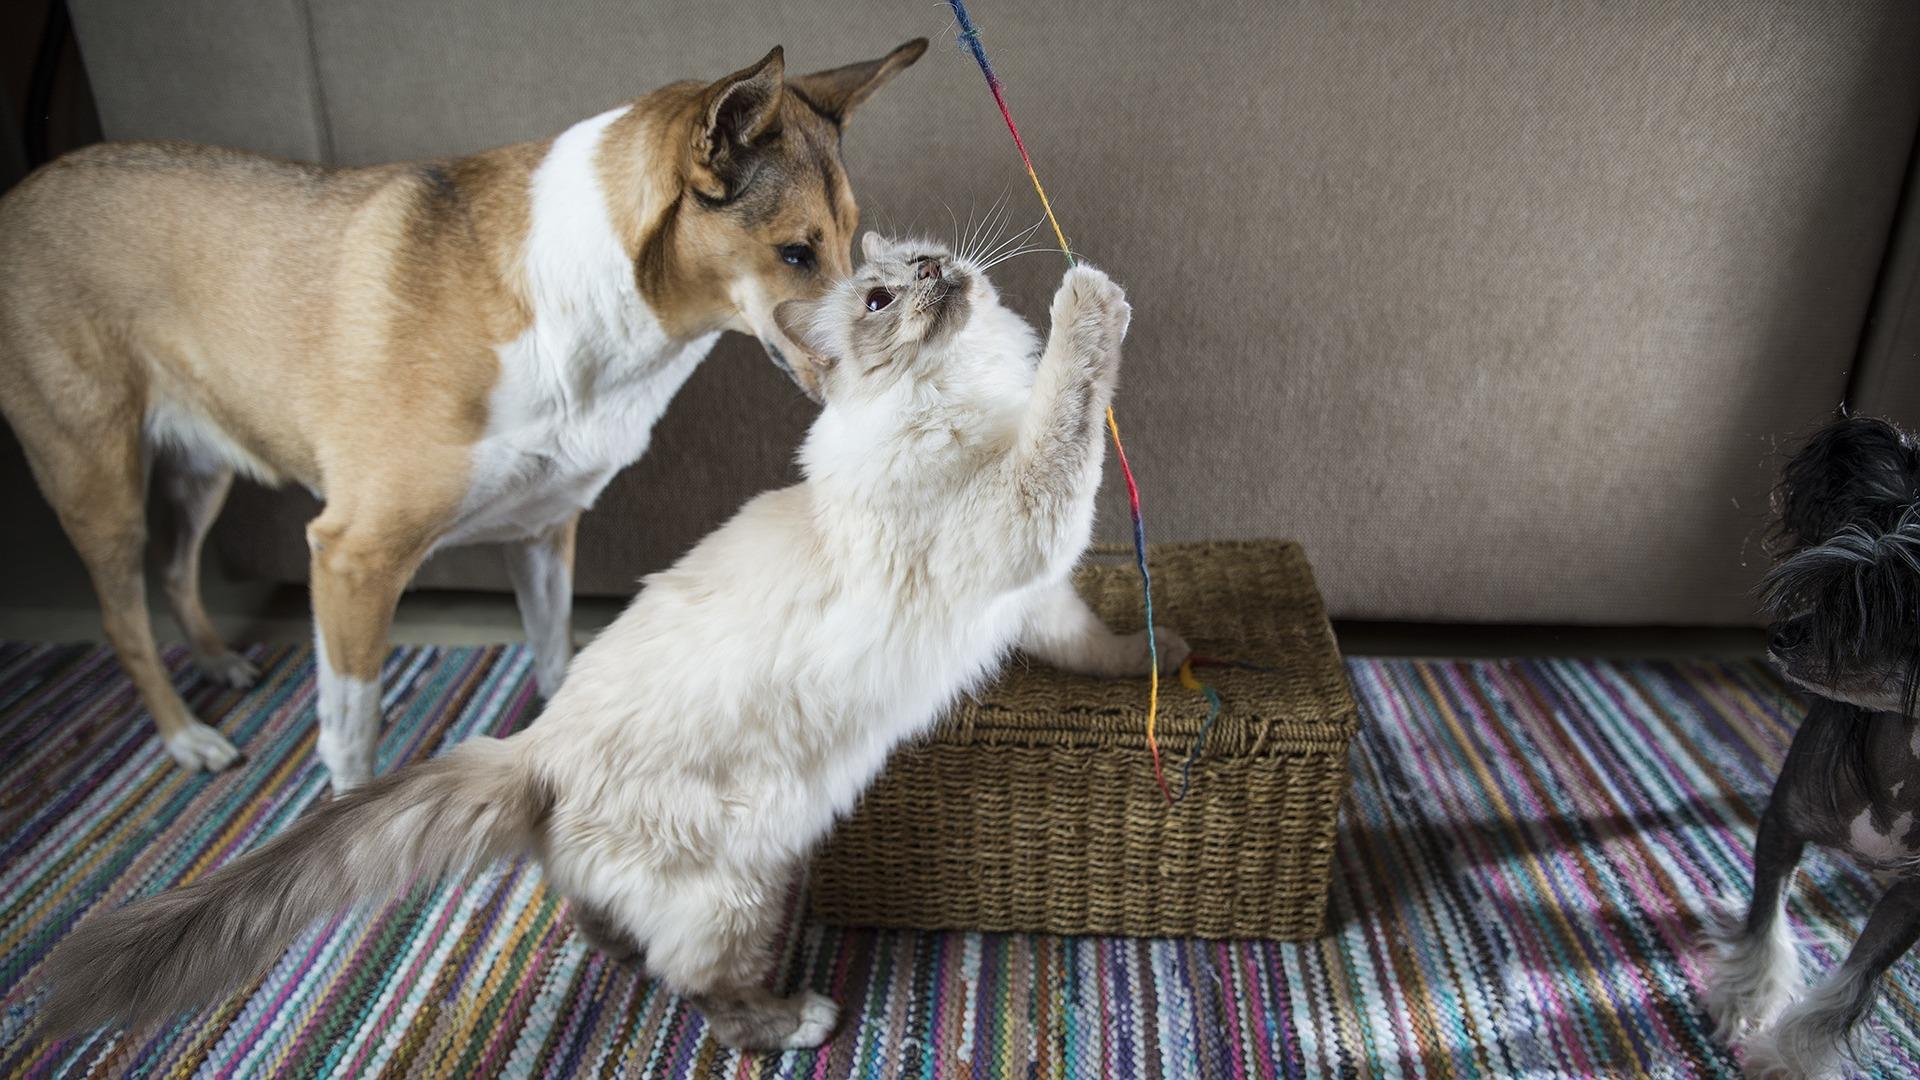 Przy dobrej socjalizacji koty birmańskie dobrze dogadują się z innymi zwierzętami - psami czy innymi kotami.